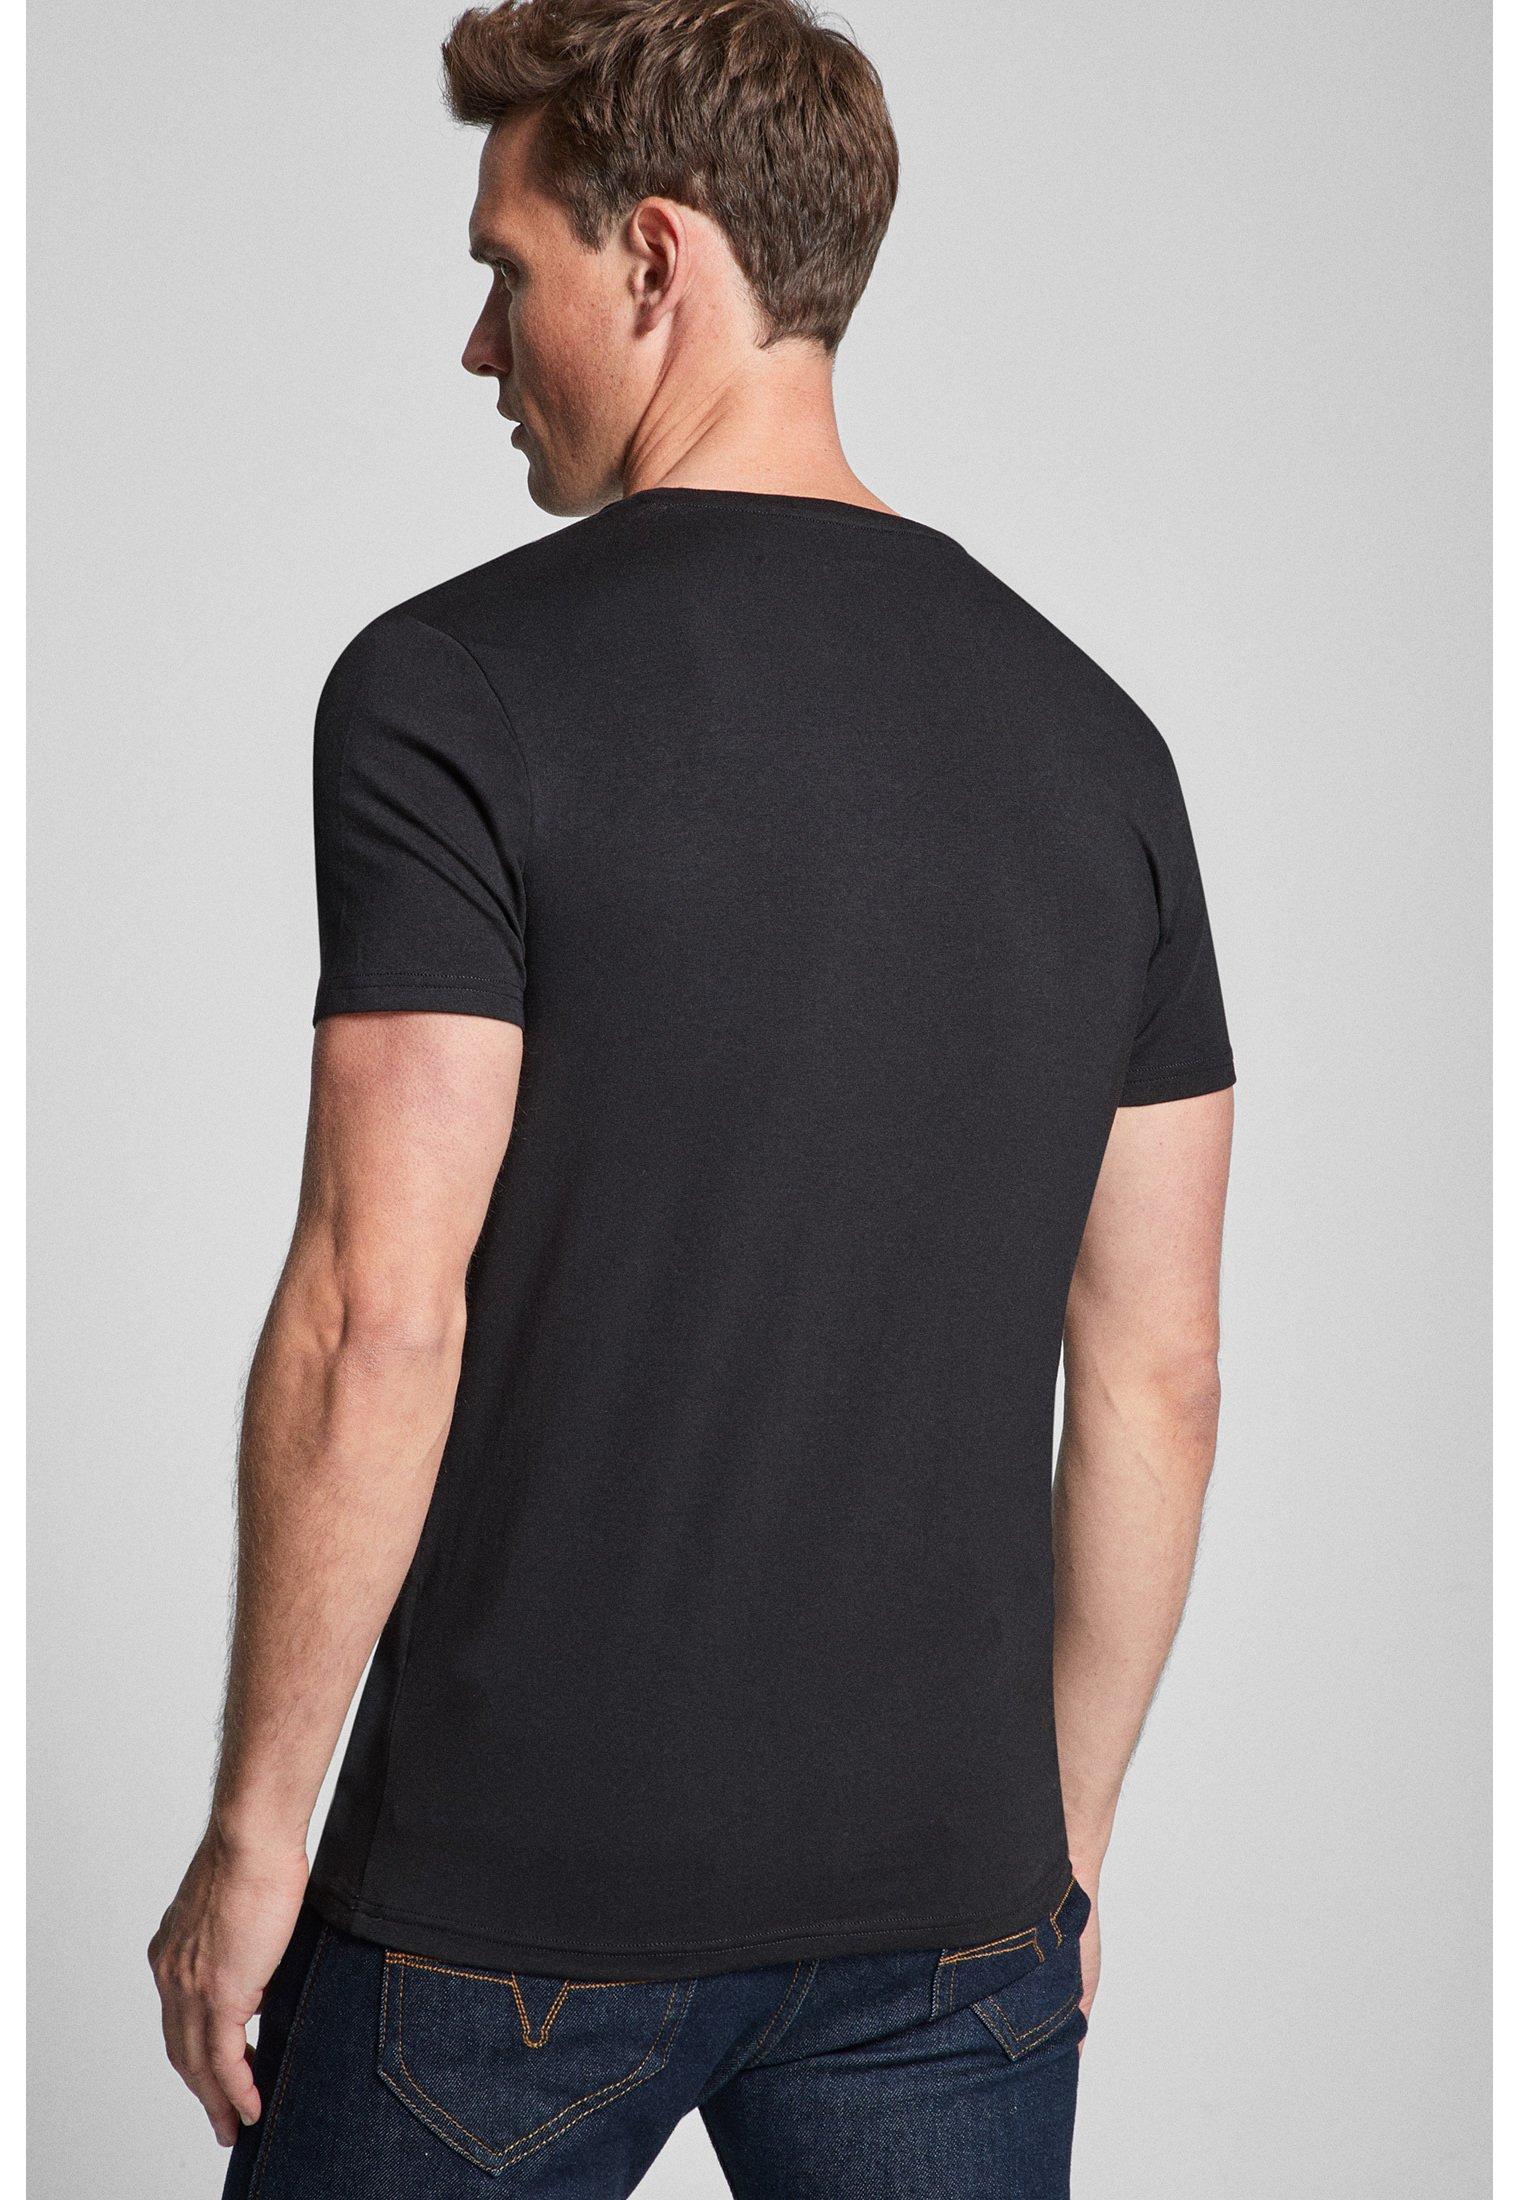 JOOP! 2ER-PACK MODAL COTTON STRETCH - Basic T-shirt - black txICB